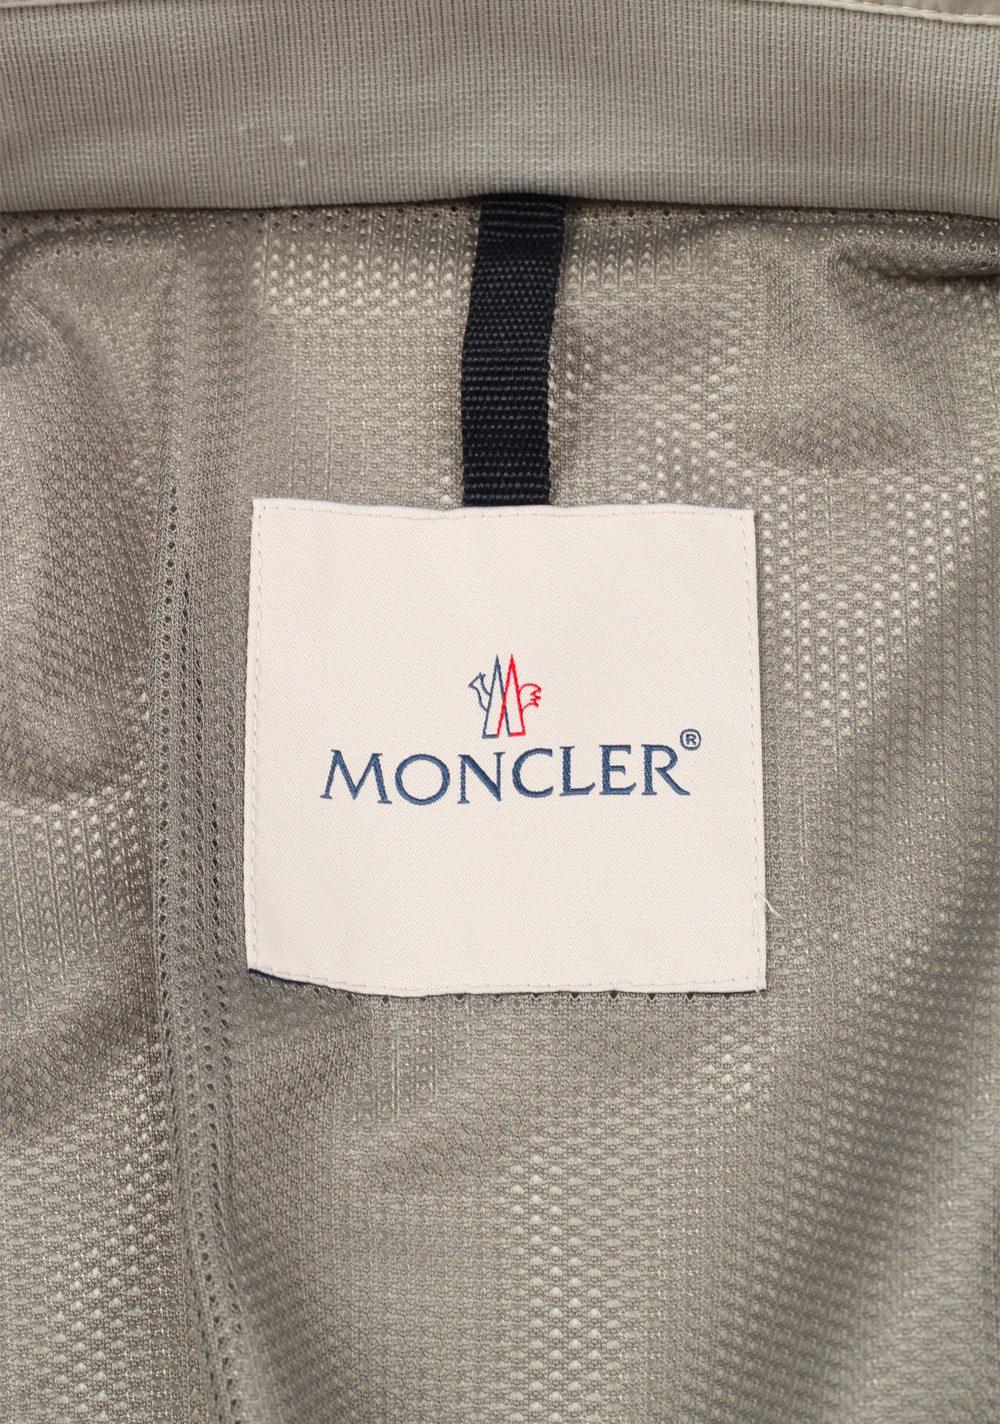 Moncler Beige Verte Bomber Jacket Coat Size 3 / M / 50 / 40 U.S. | Costume Limité